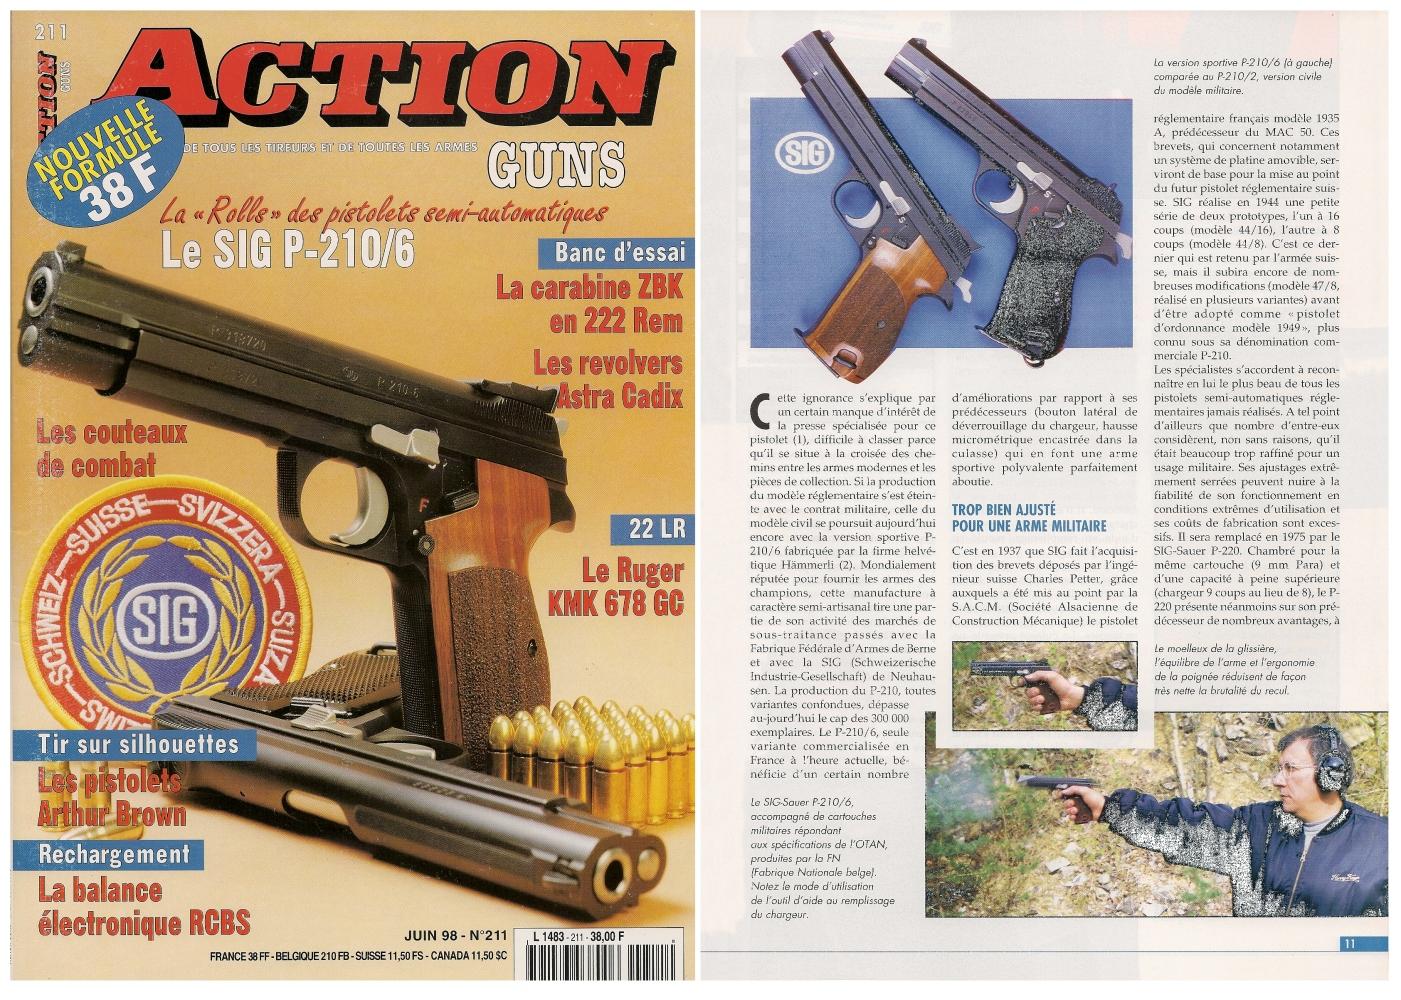 Le banc d'essai pistolet Sig modèle P-210/6 a été publié sur 7 pages dans le magazine Action Guns n°211 (juin 1998).